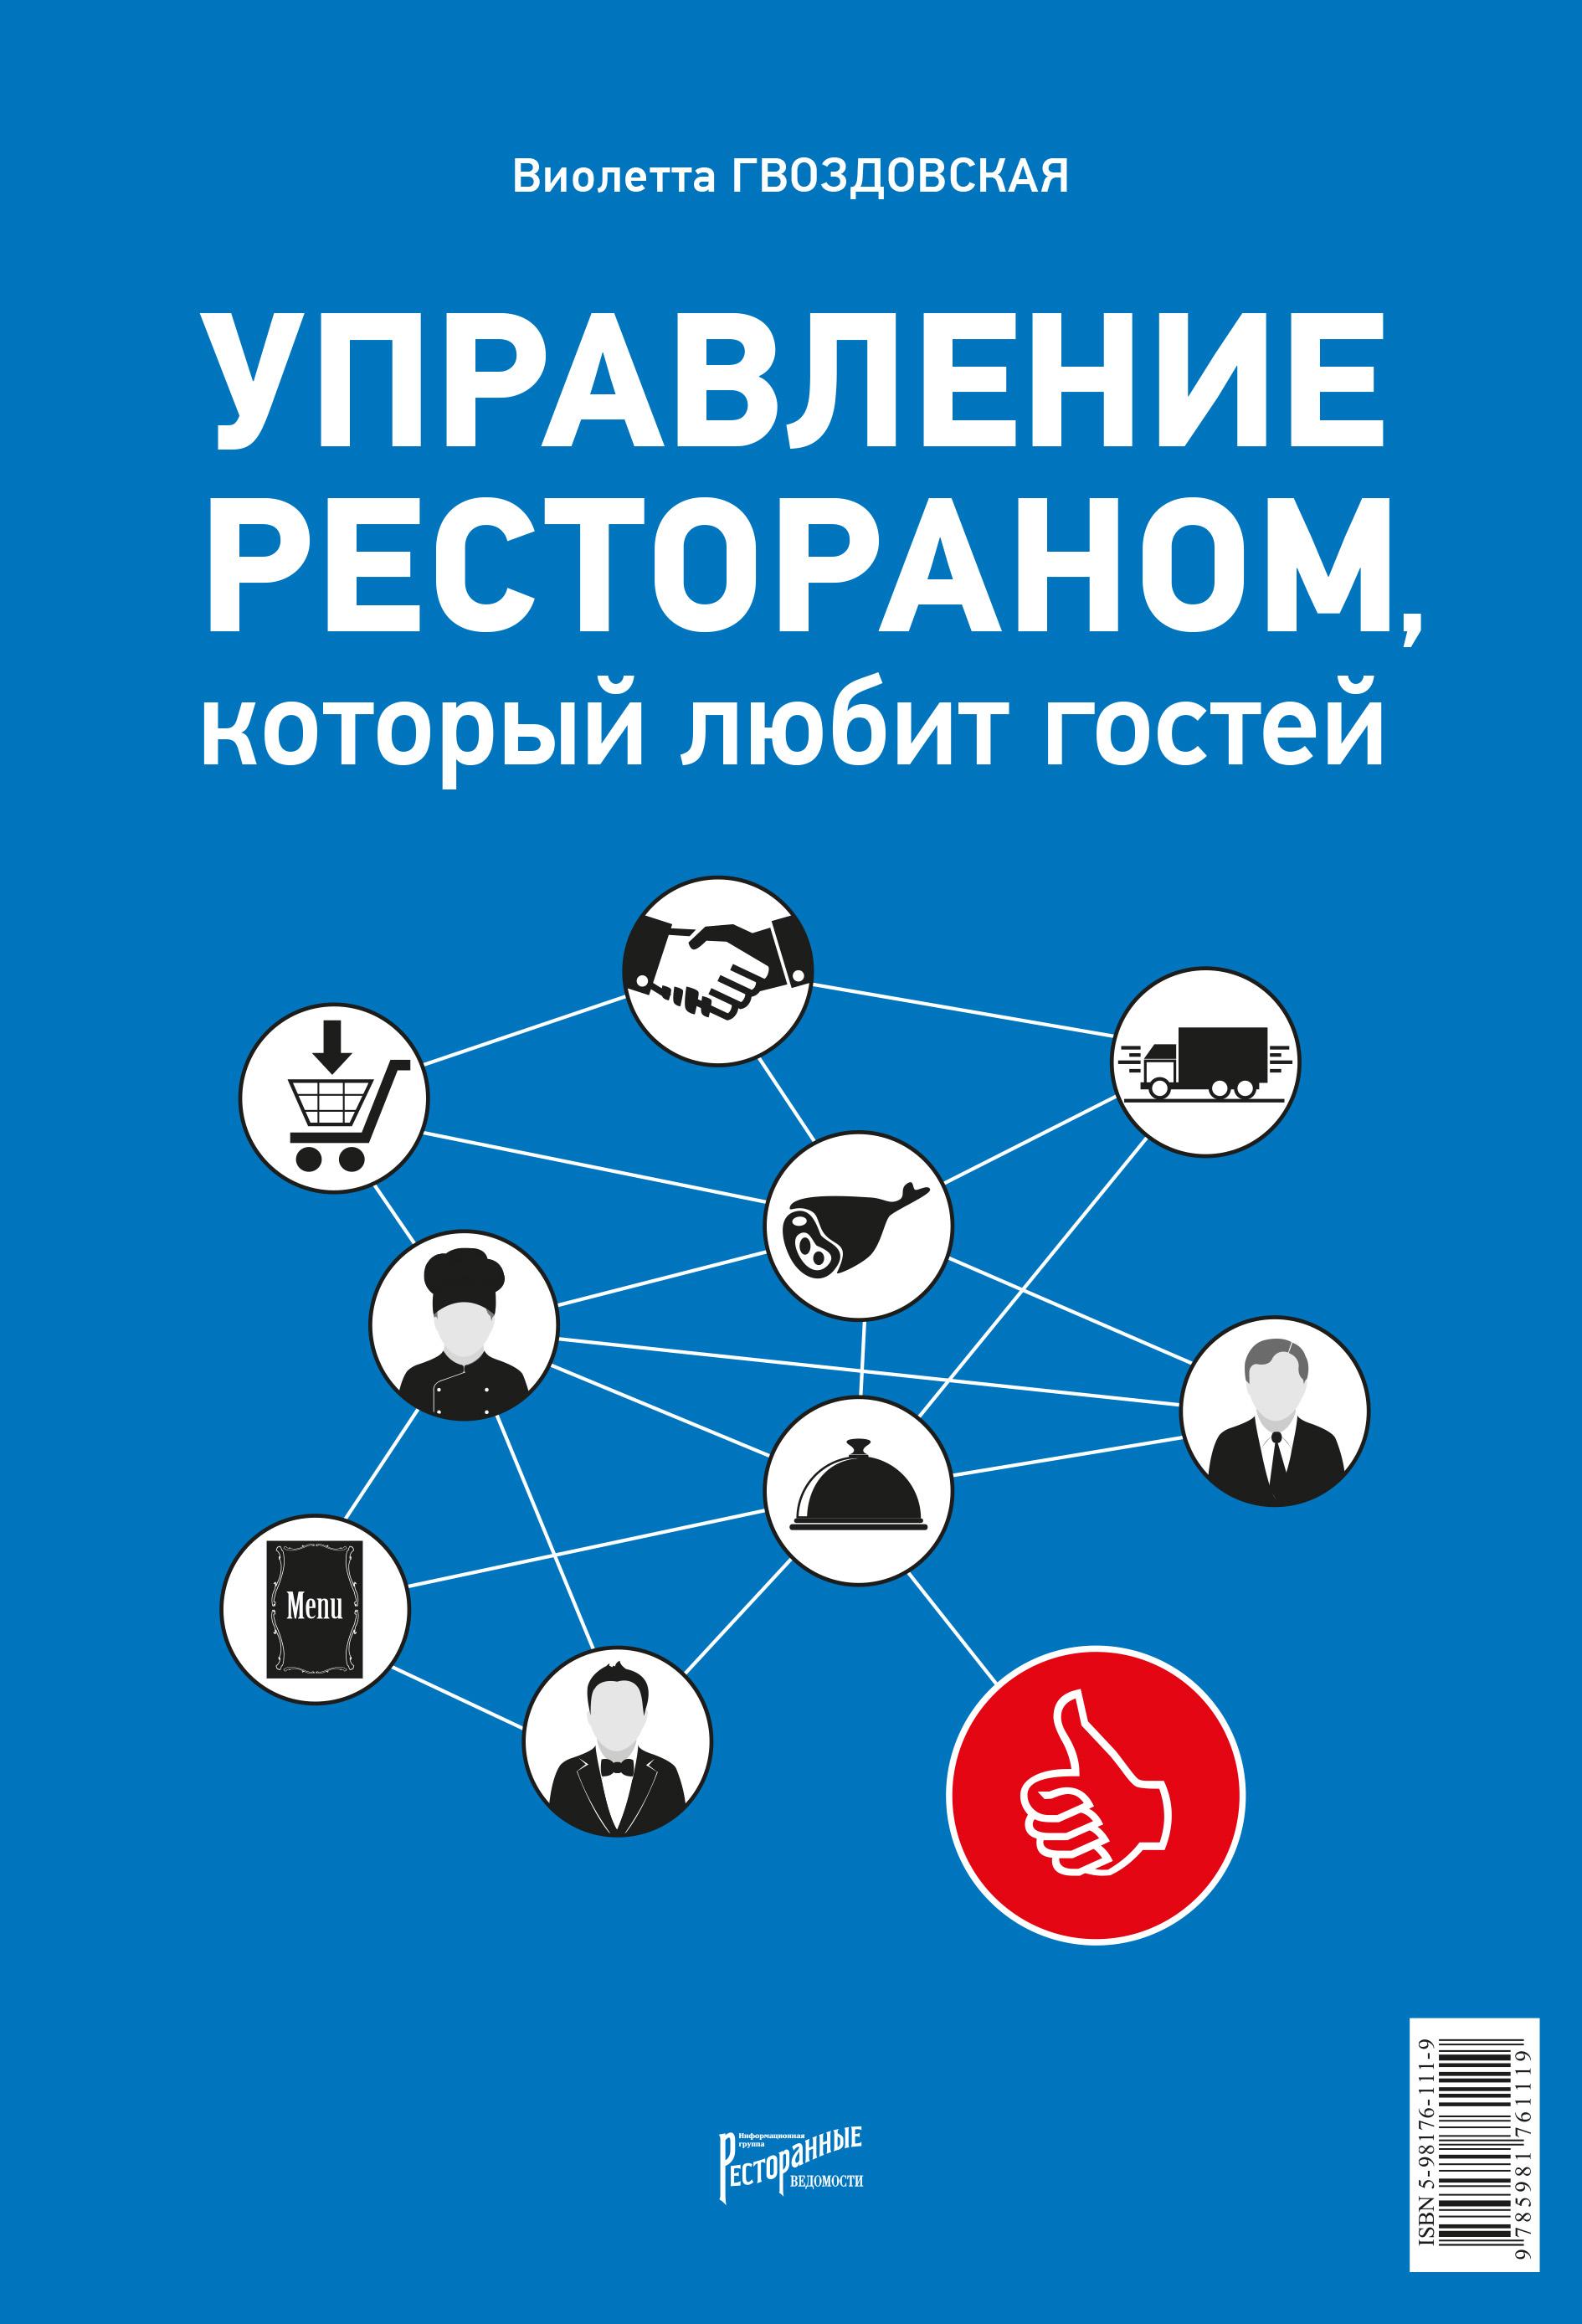 Купить книгу Управление рестораном, который любит гостей, автора Виолетты Гвоздовской